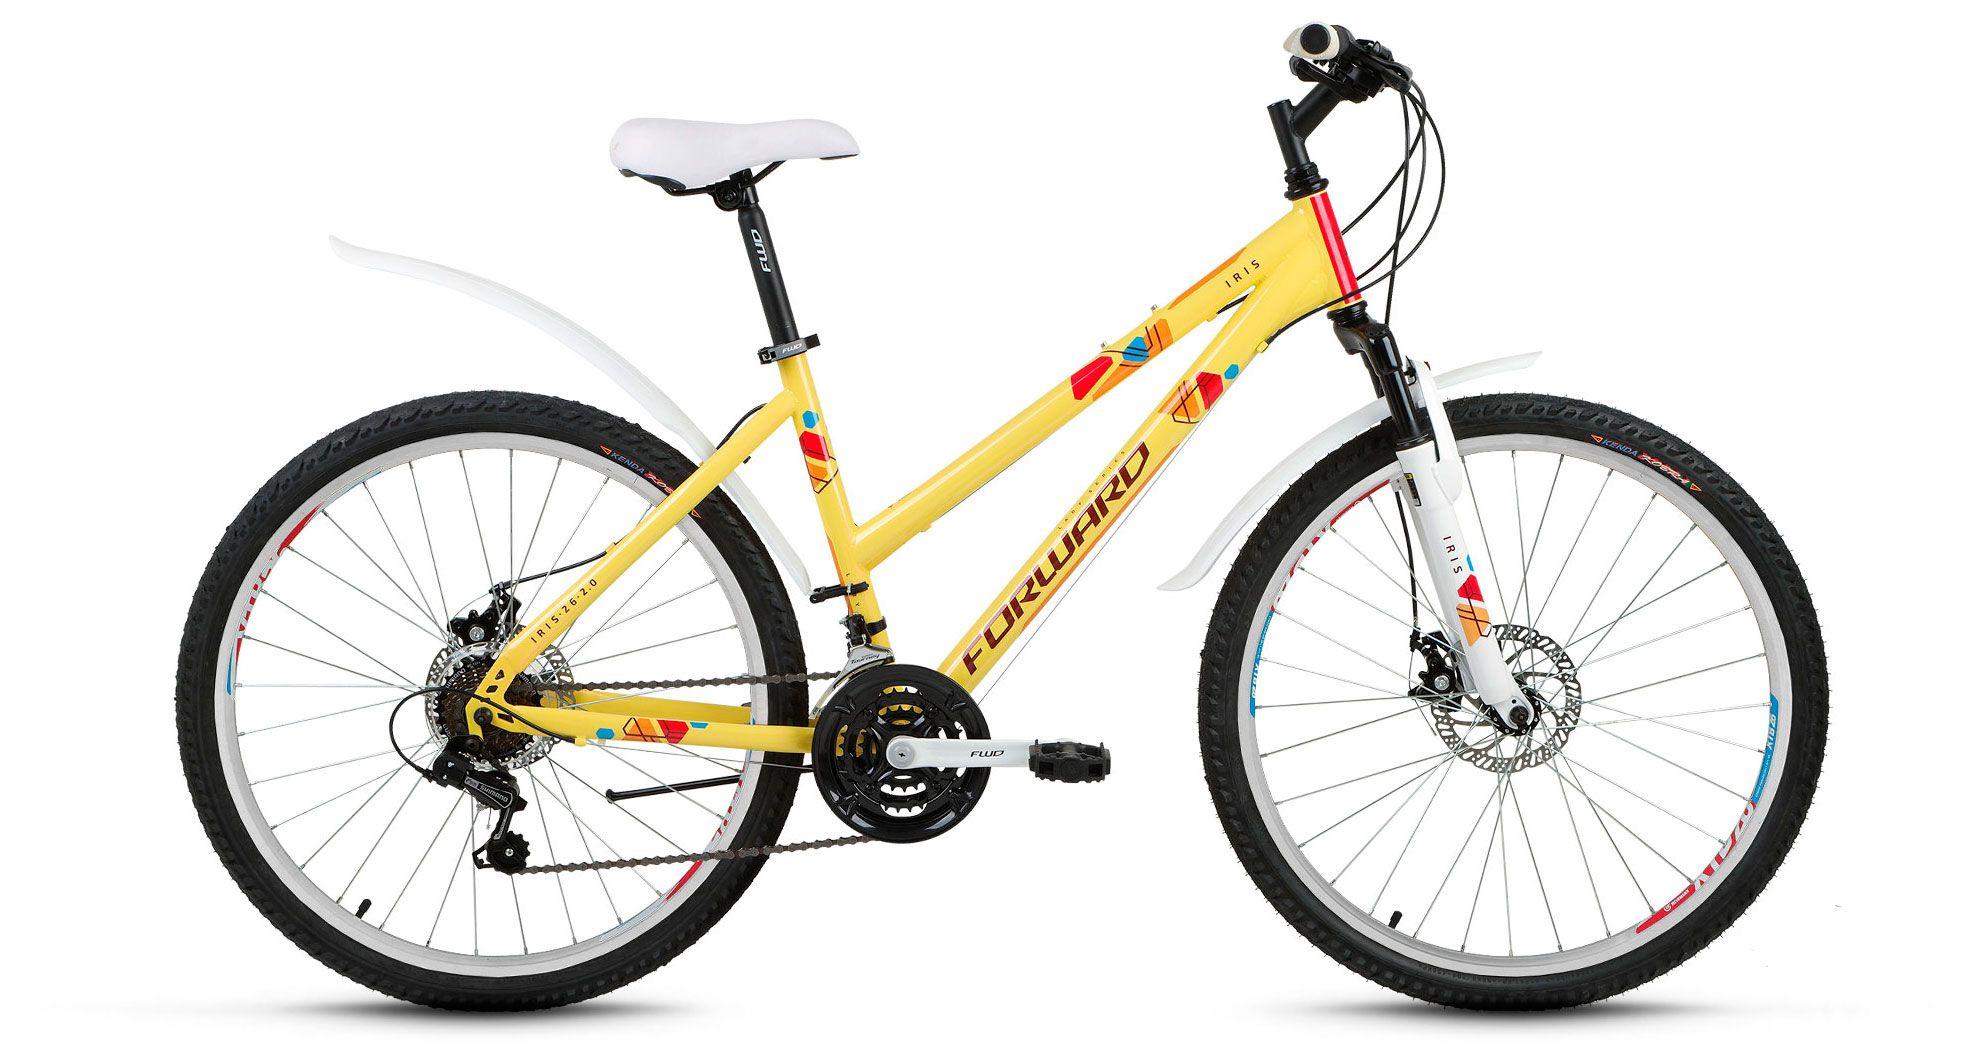 Велосипед Forward Iris 26 2.0 disc 2018 велосипед forward iris 26 1 0 2017